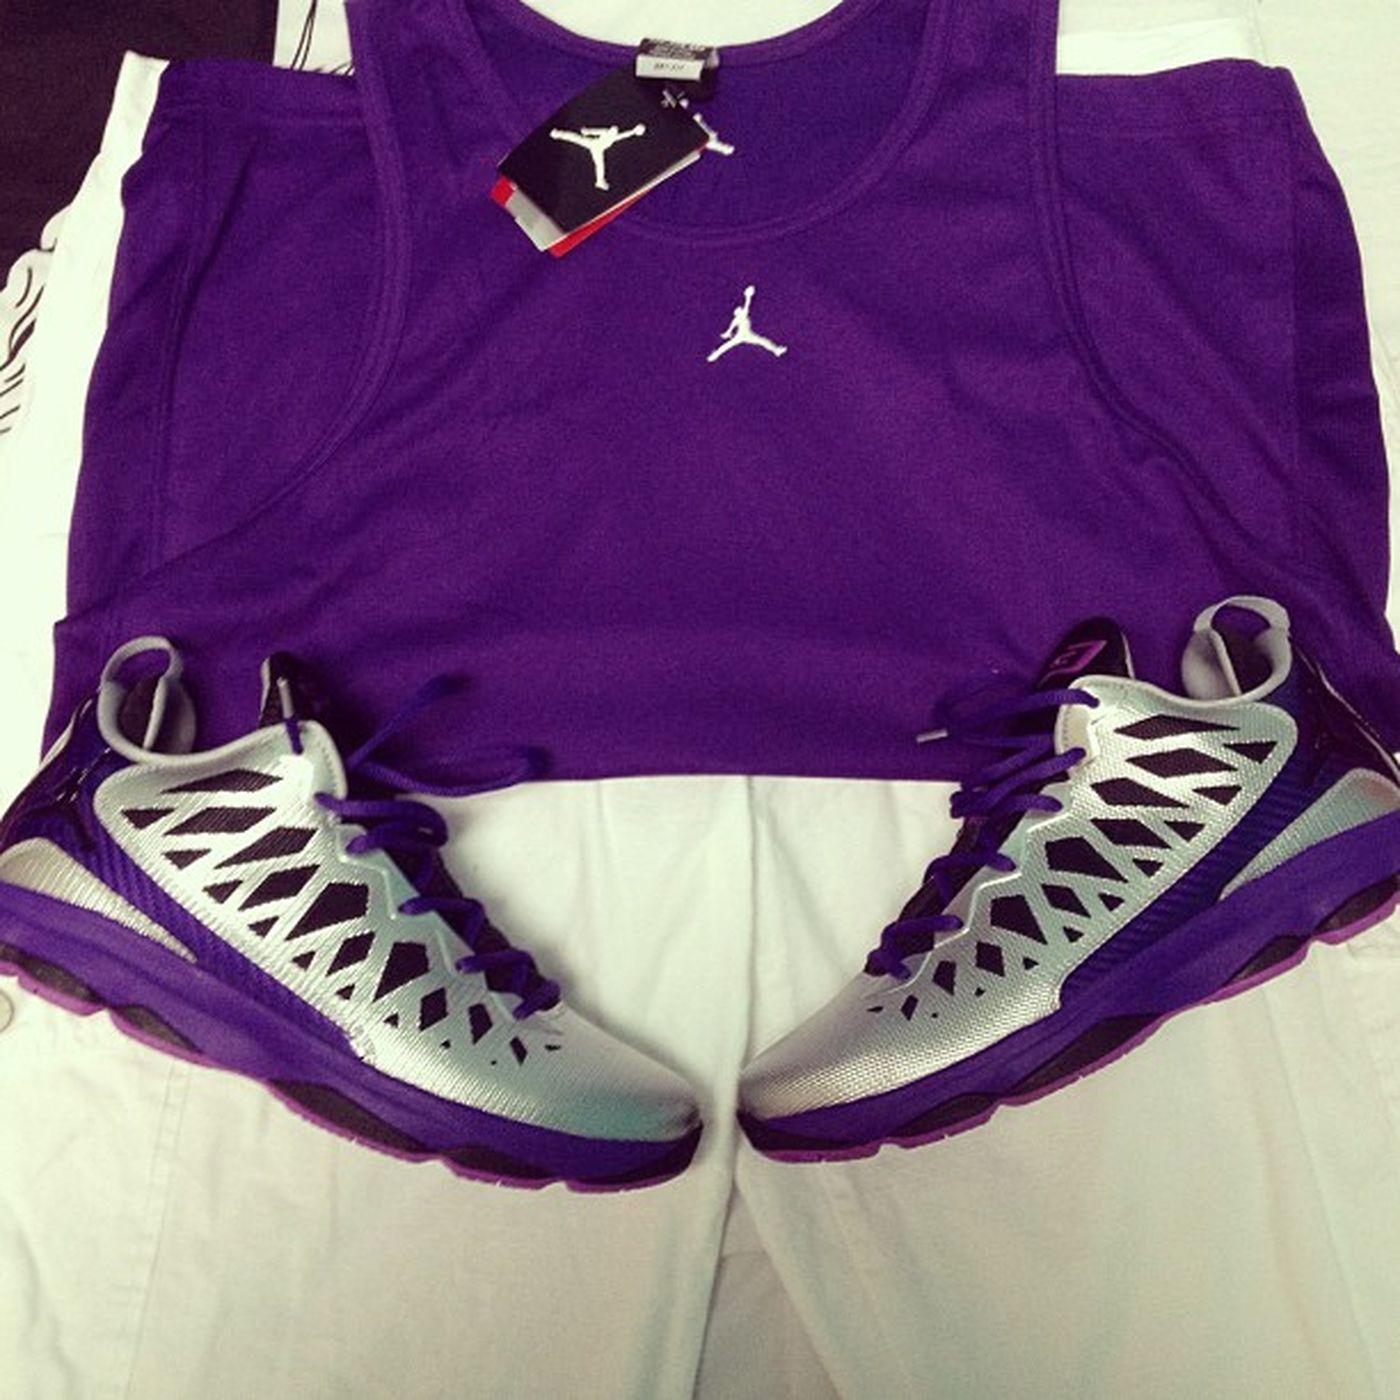 Shhh Callaito!!! Jordan Cp Jordancp3 Jordanshirt jordans jordandepot swag sneakerfreak sneakerhead cpvi chrispaul mj23